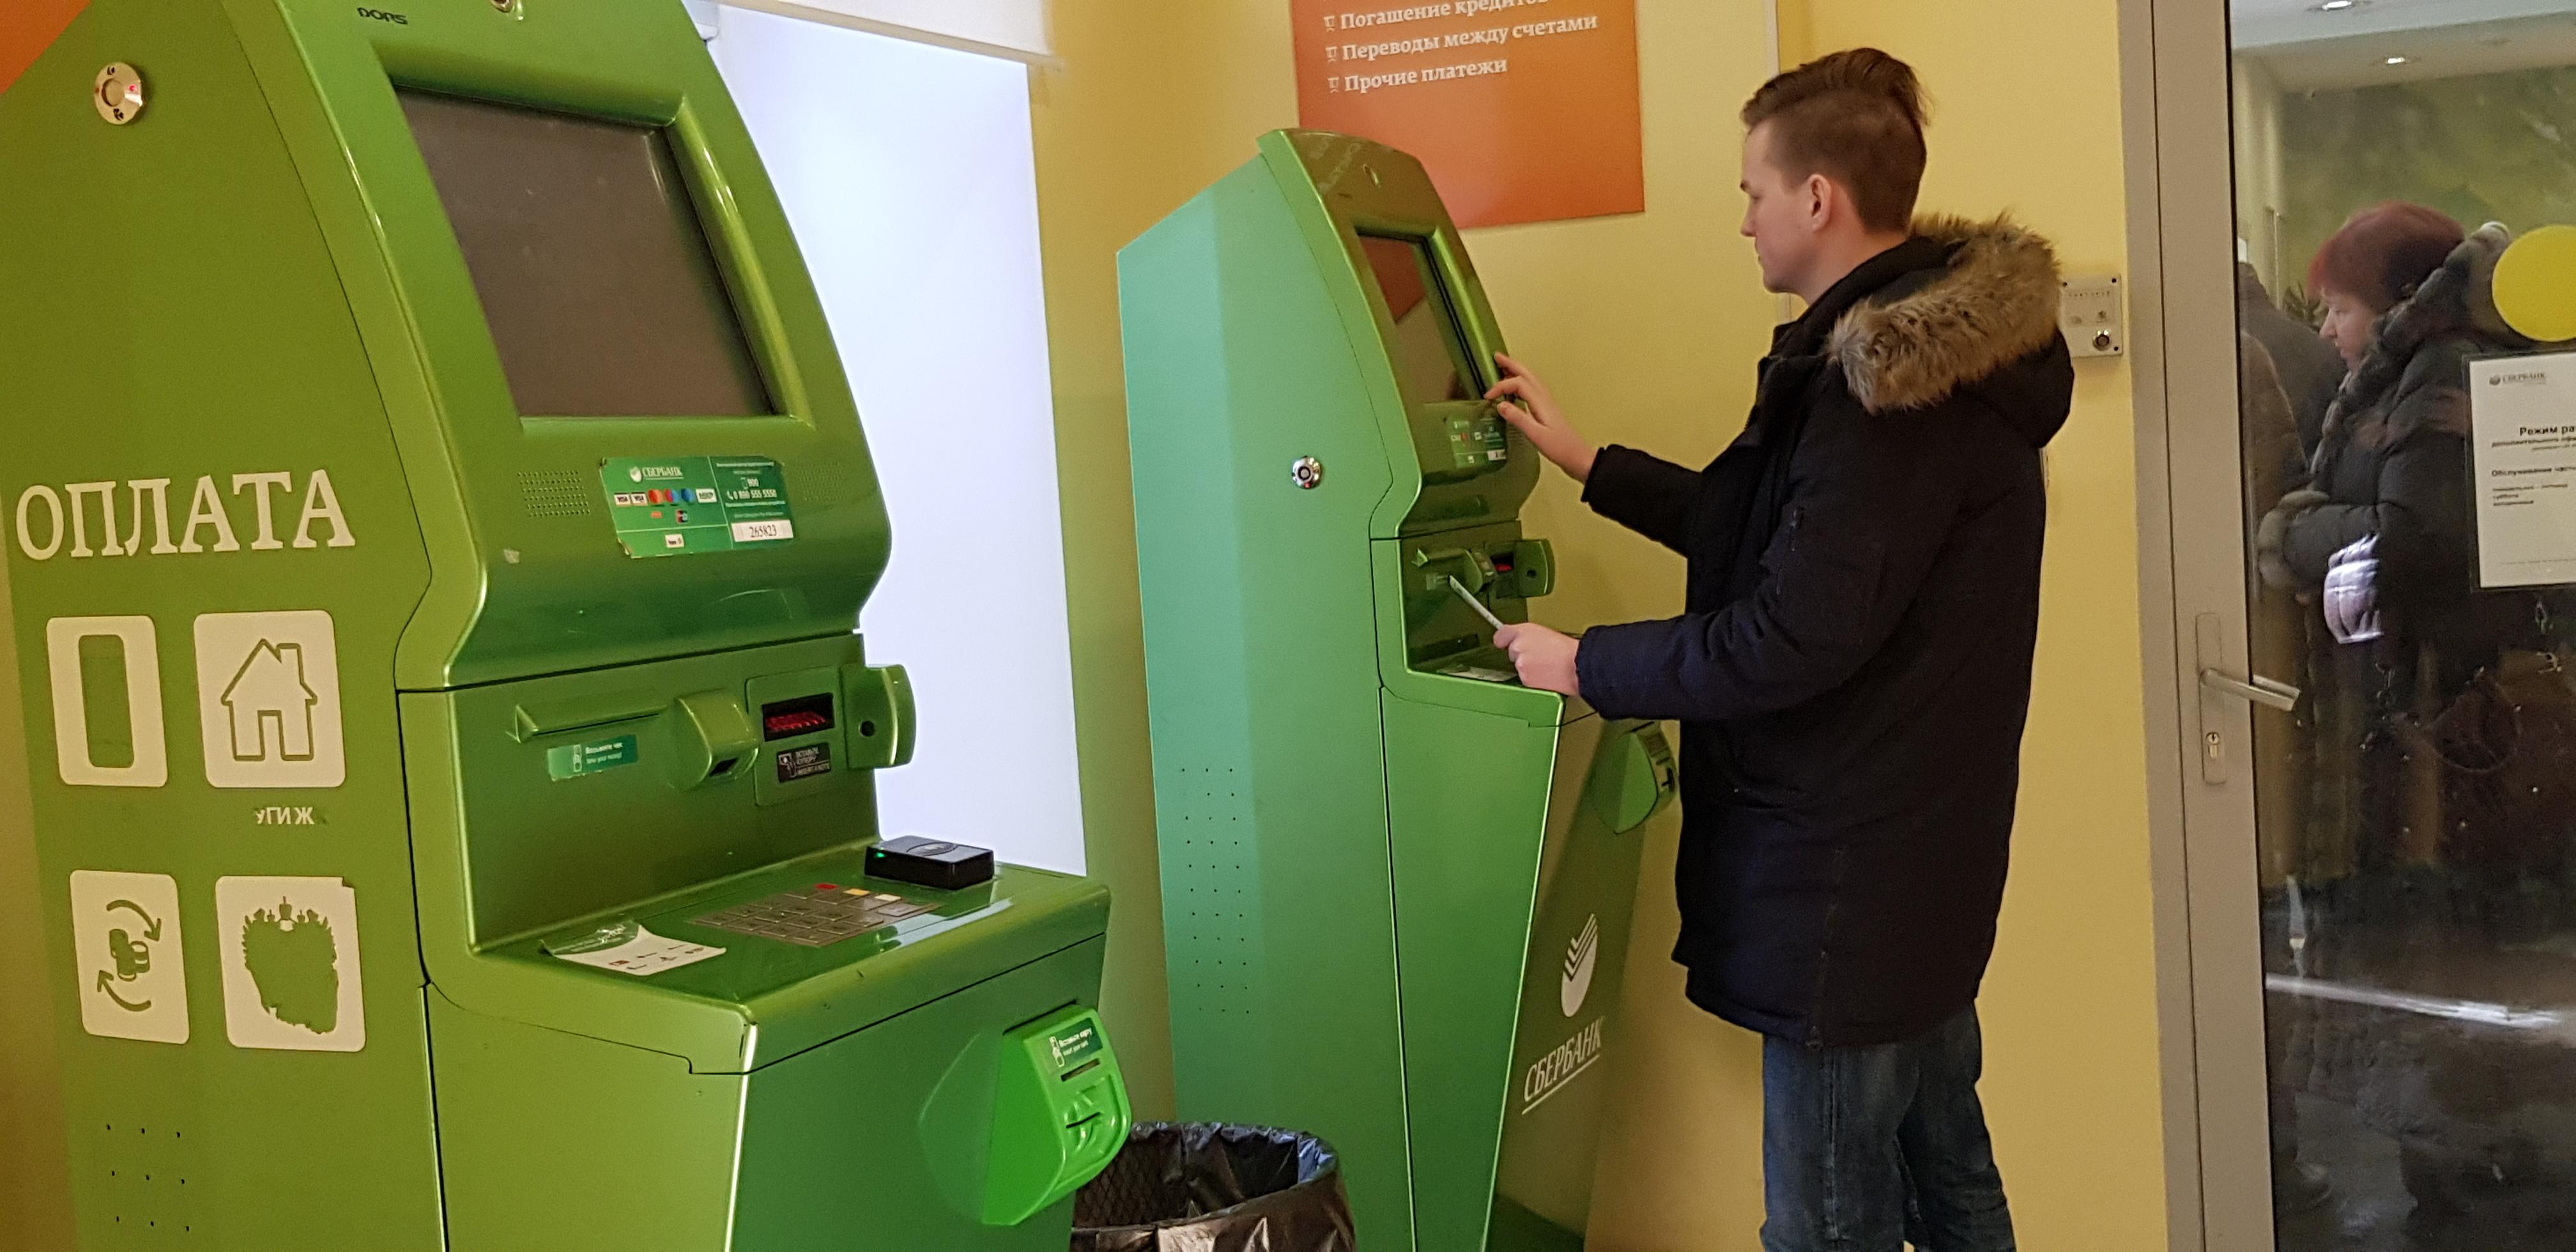 Как снять деньги с виртуальной карты яндекс деньги через банкомат сбербанка